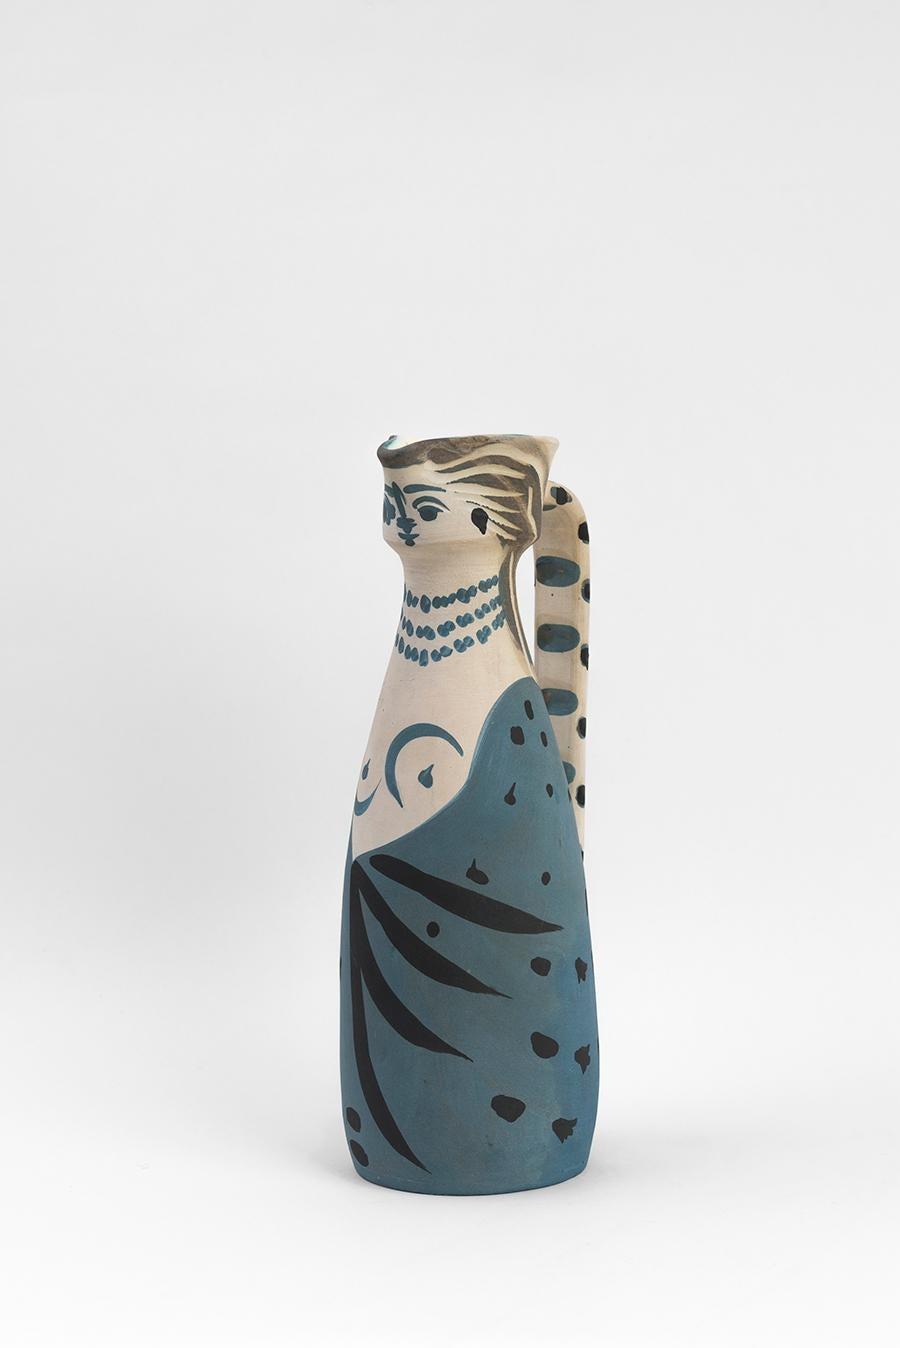 Pablo Picasso - Madoura Ceramic: Woman (Femme), 1955